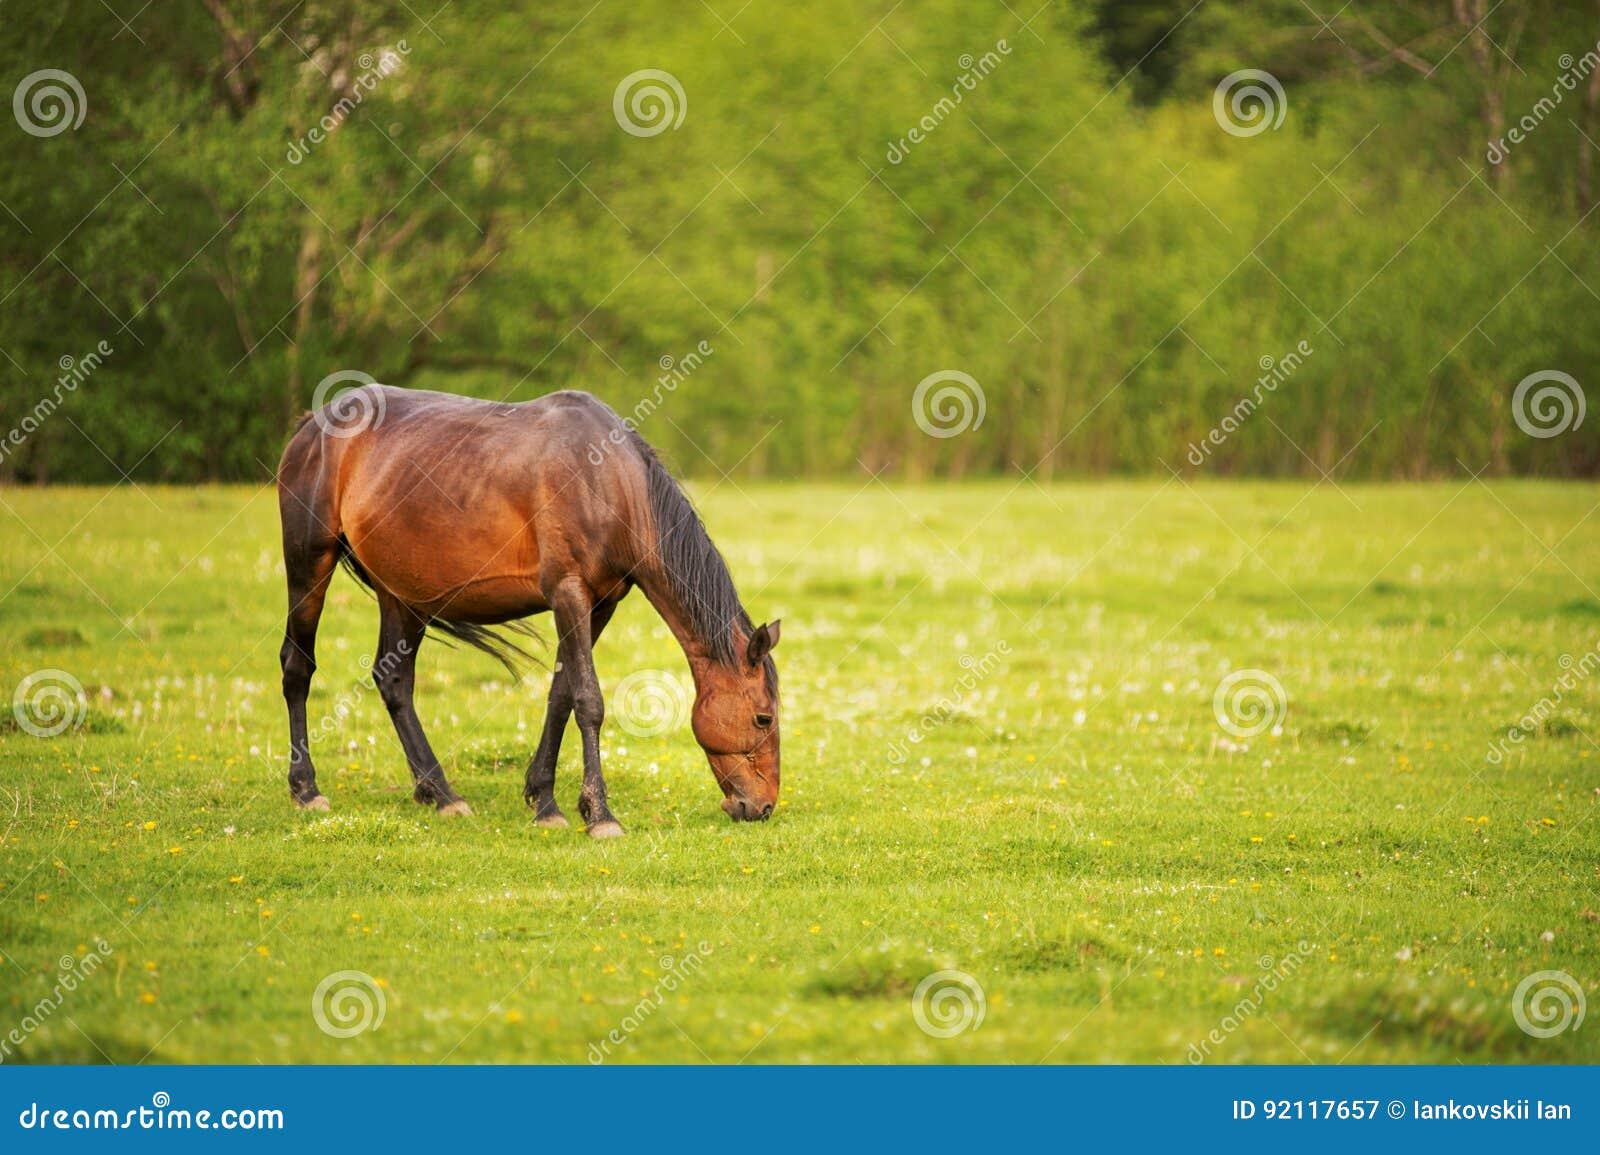 黑褐色马在一个绿色春天草甸吃草反对一个年轻森林的背景落日的